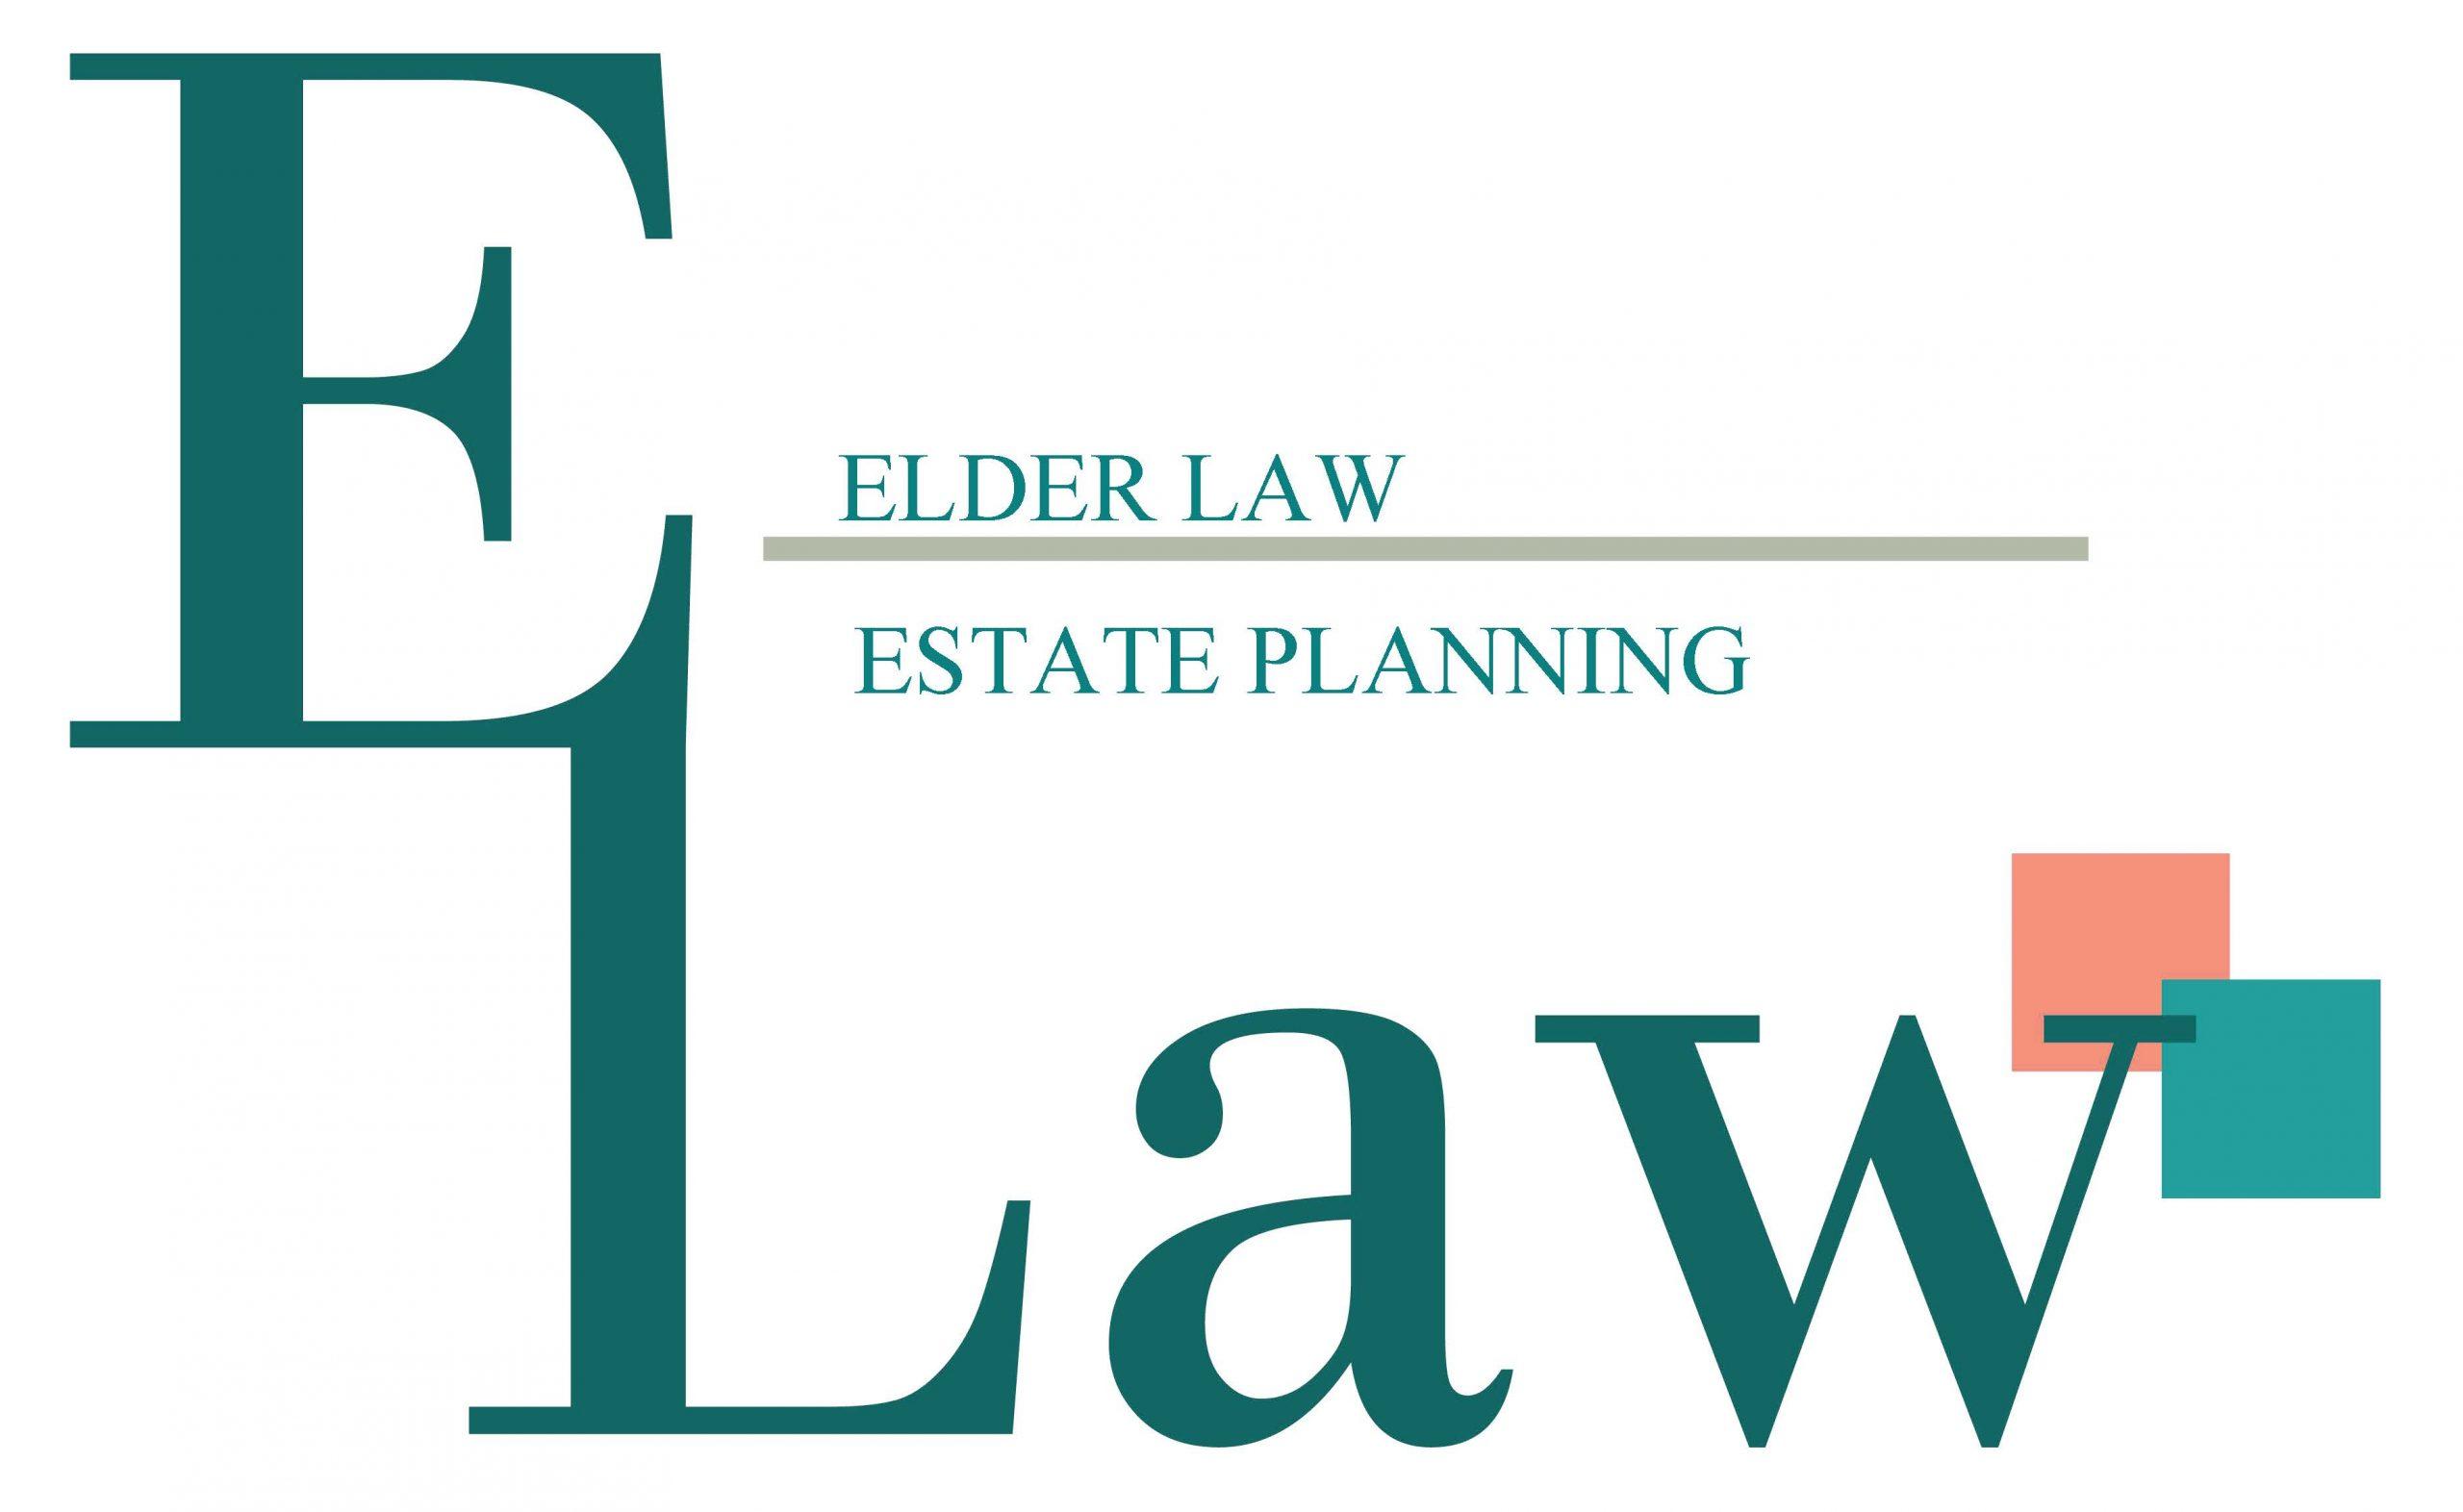 estate planning and elder law